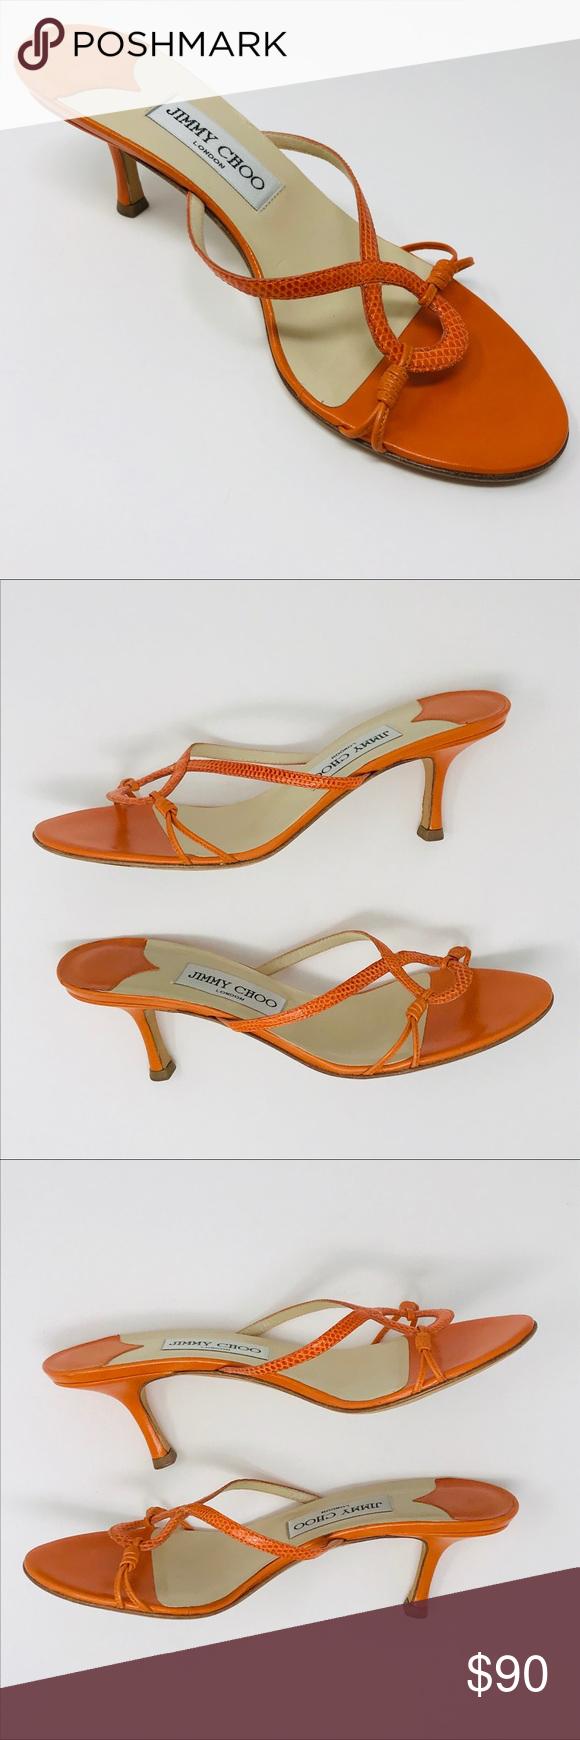 Jimmy Choo Kitten Heel Mule Sandal Tangerine 37 Heeled Mules Sandals Kitten Heels Kitten Heel Sandals